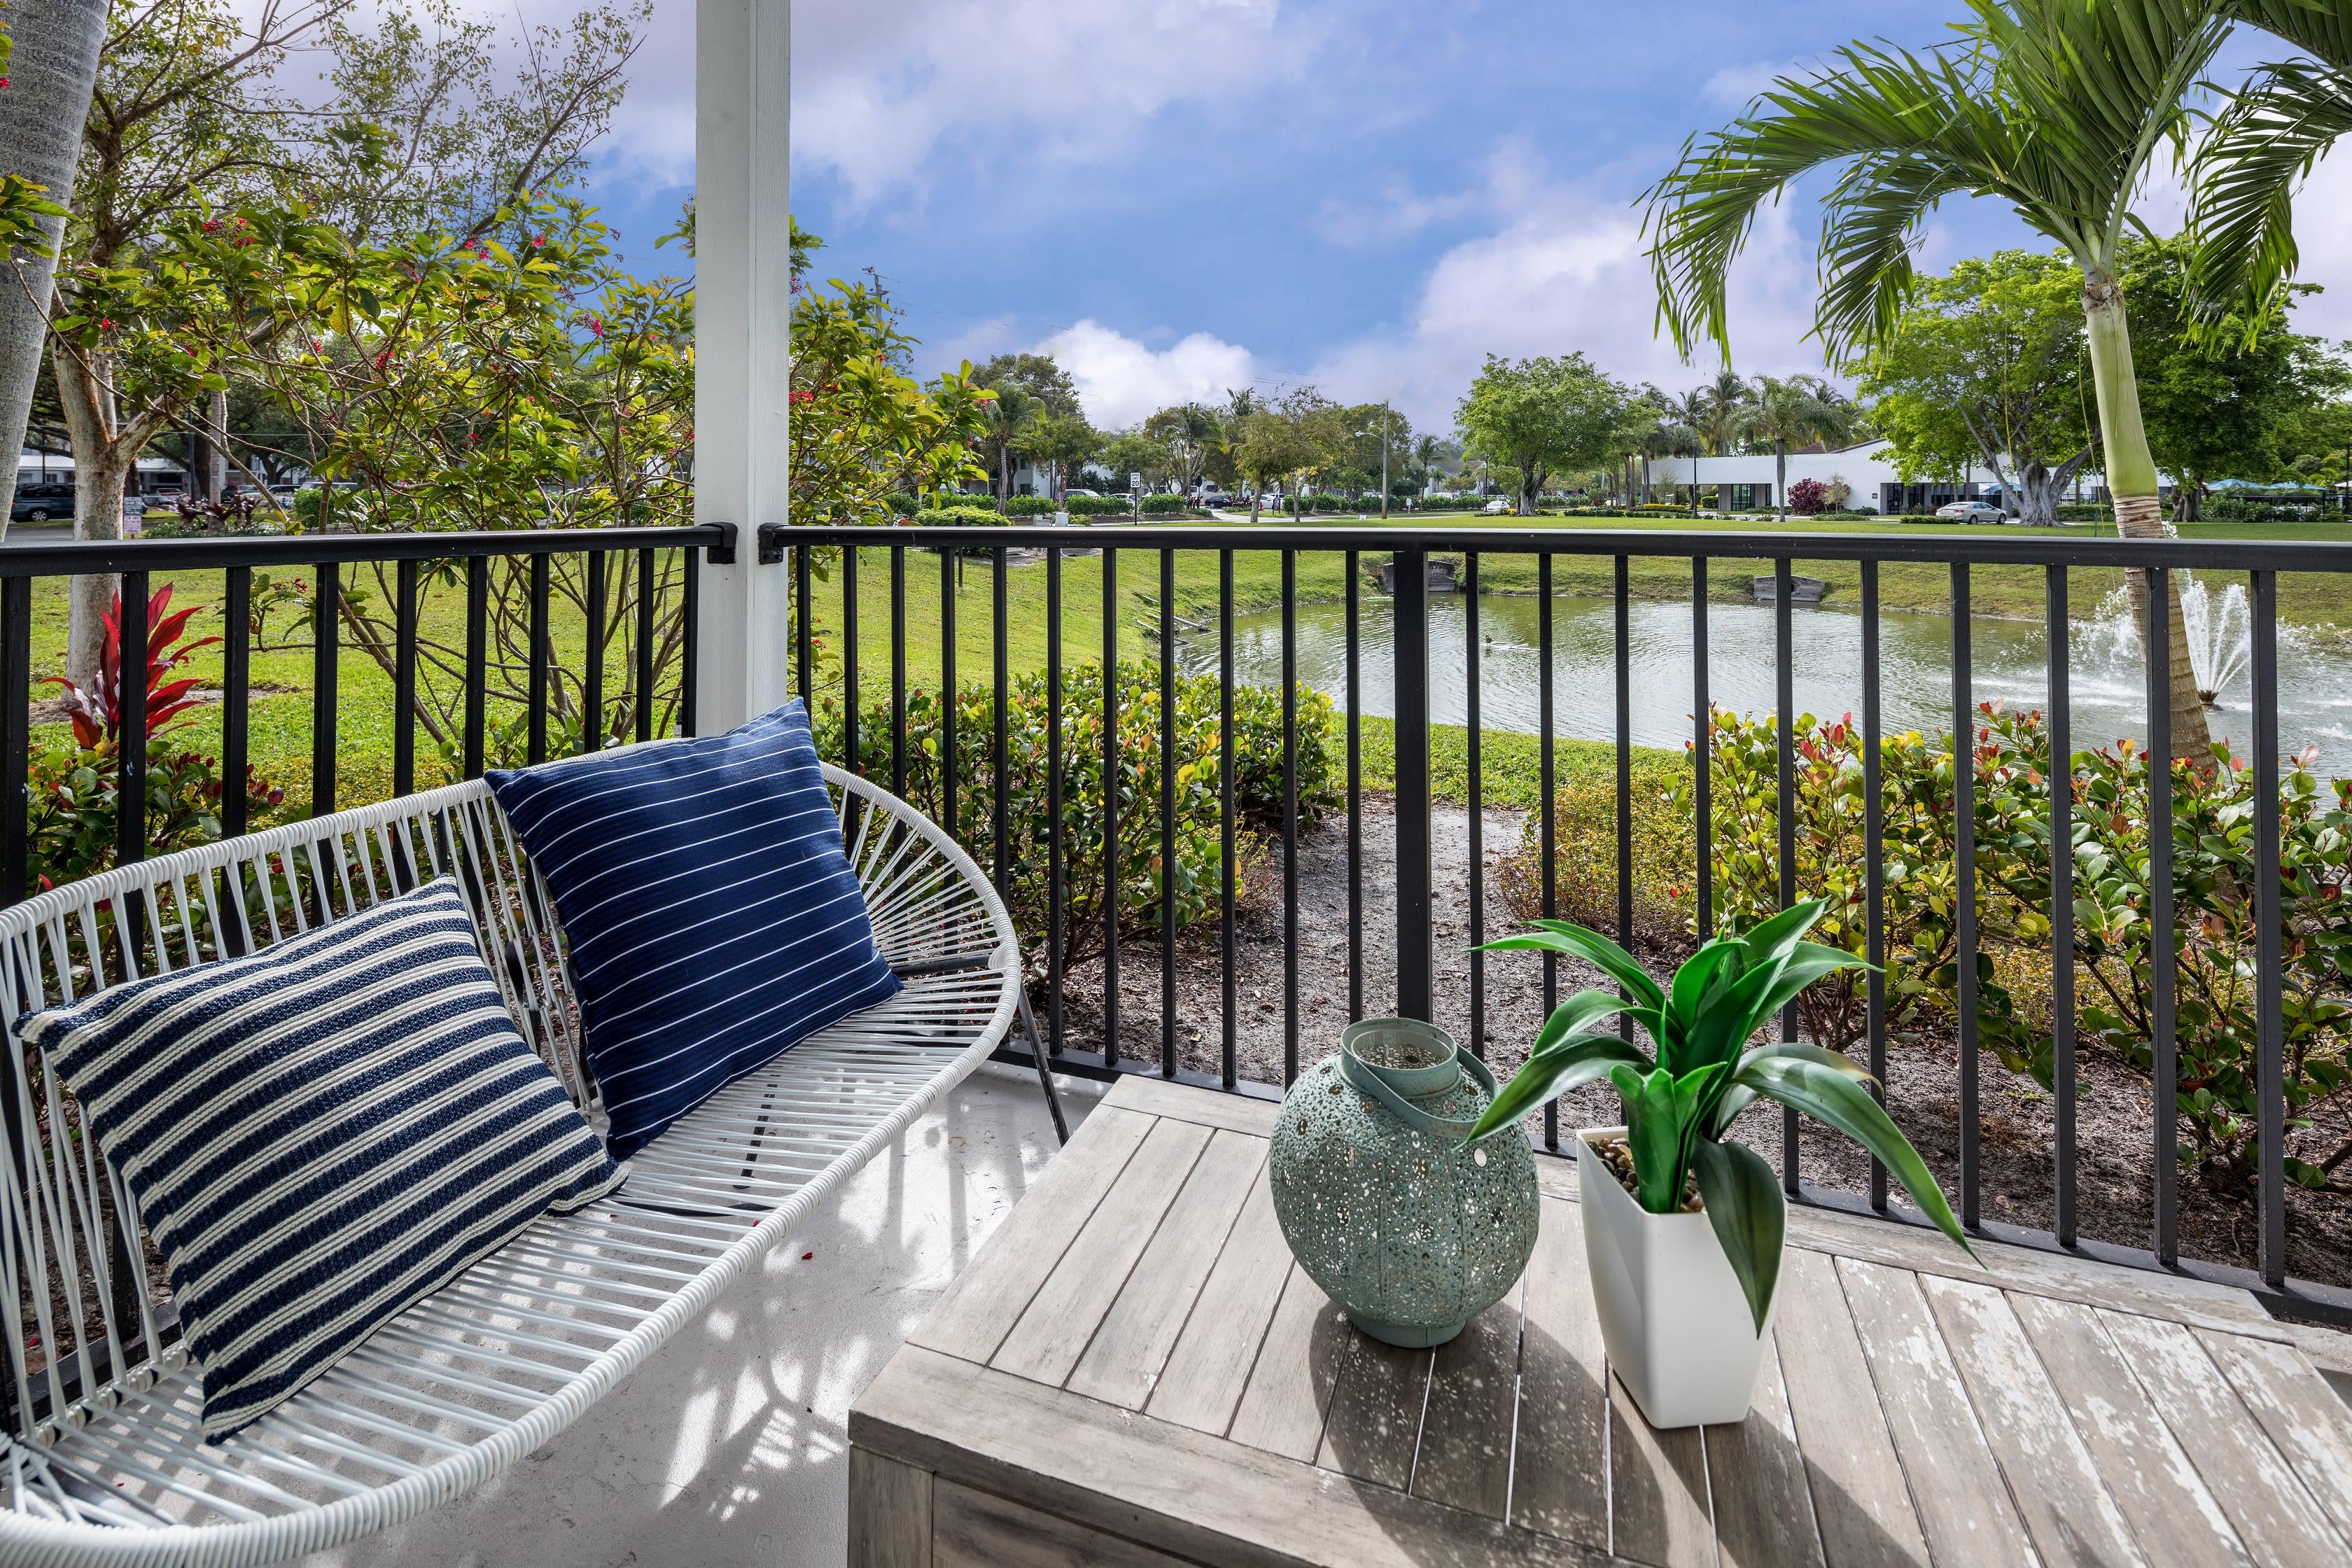 Balcony with outdoor furniture at Cielo Boca in Boca Raton, Florida